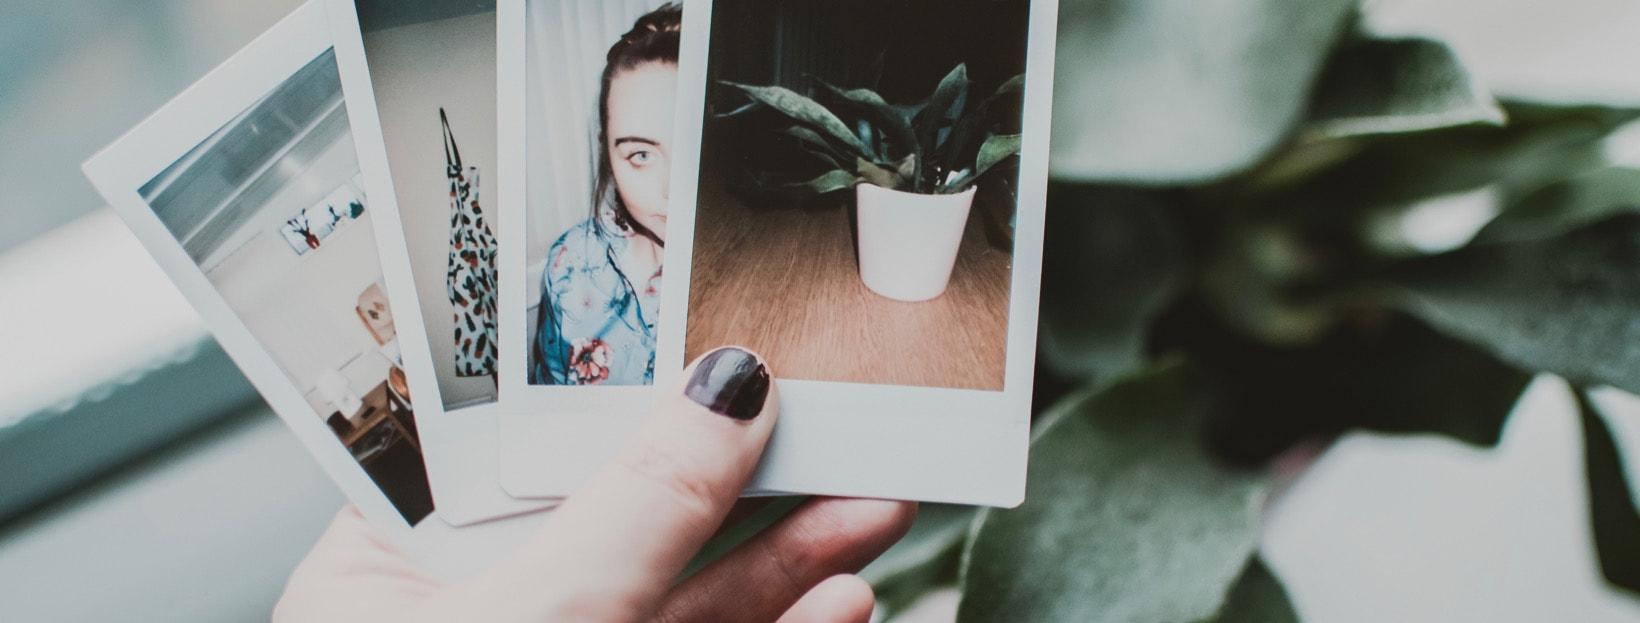 Hand, die Polaroids hält: PNG, JPG oder GIF - welches Format für Bilder verwenden